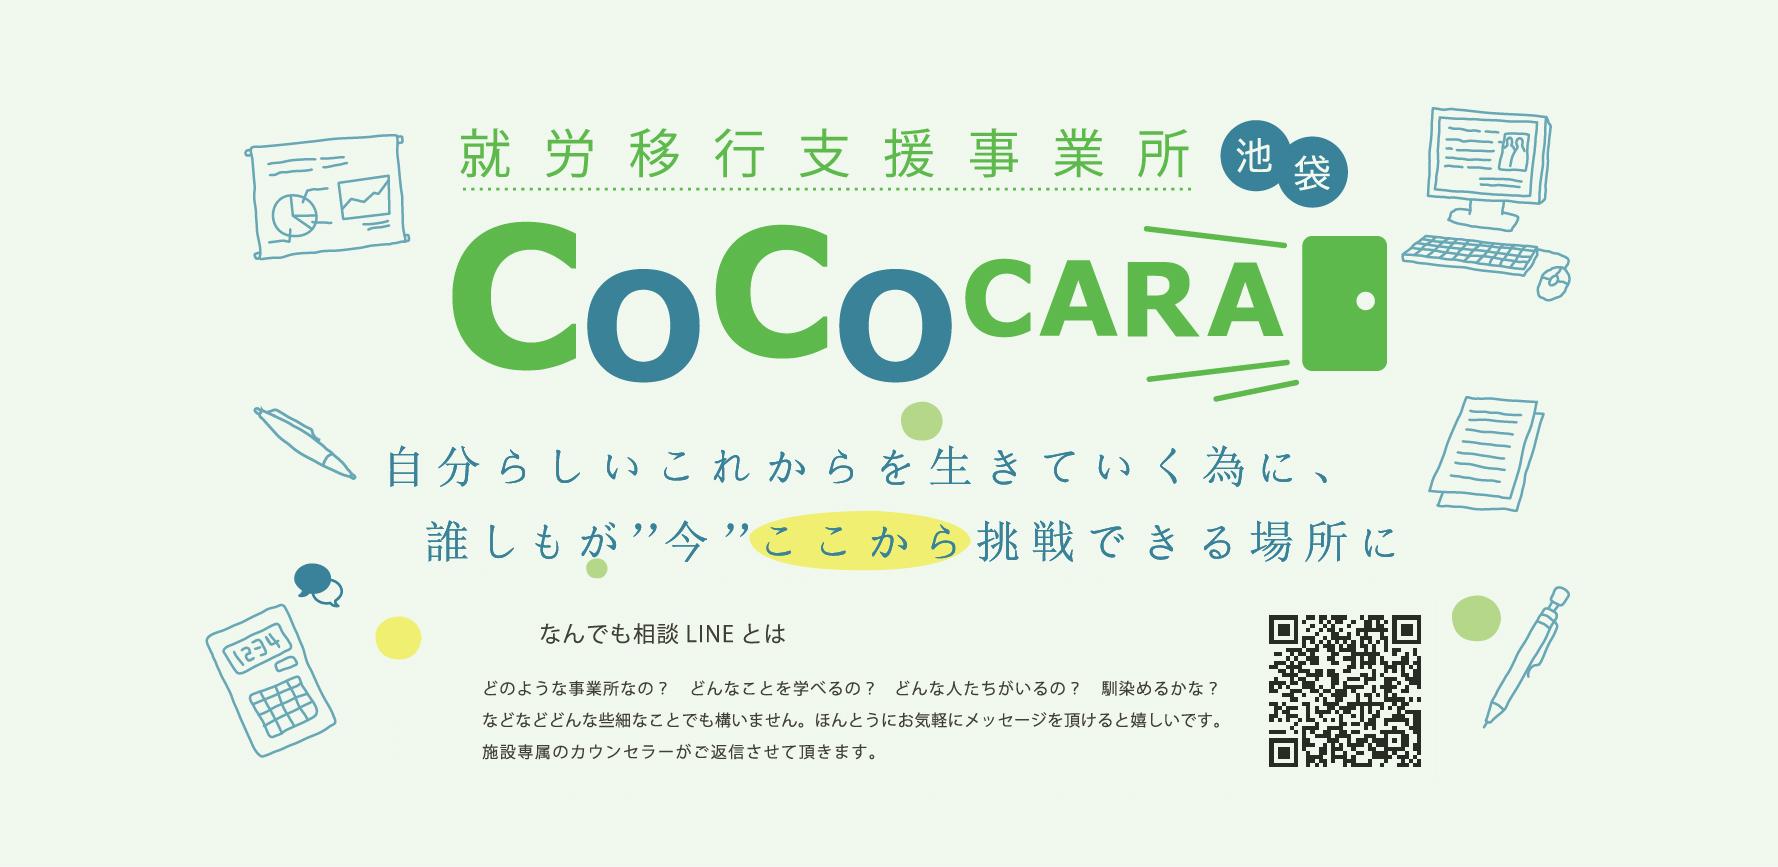 就労移行支援事業所COCOCARAのトップページ画像。リード獲得用に使用。